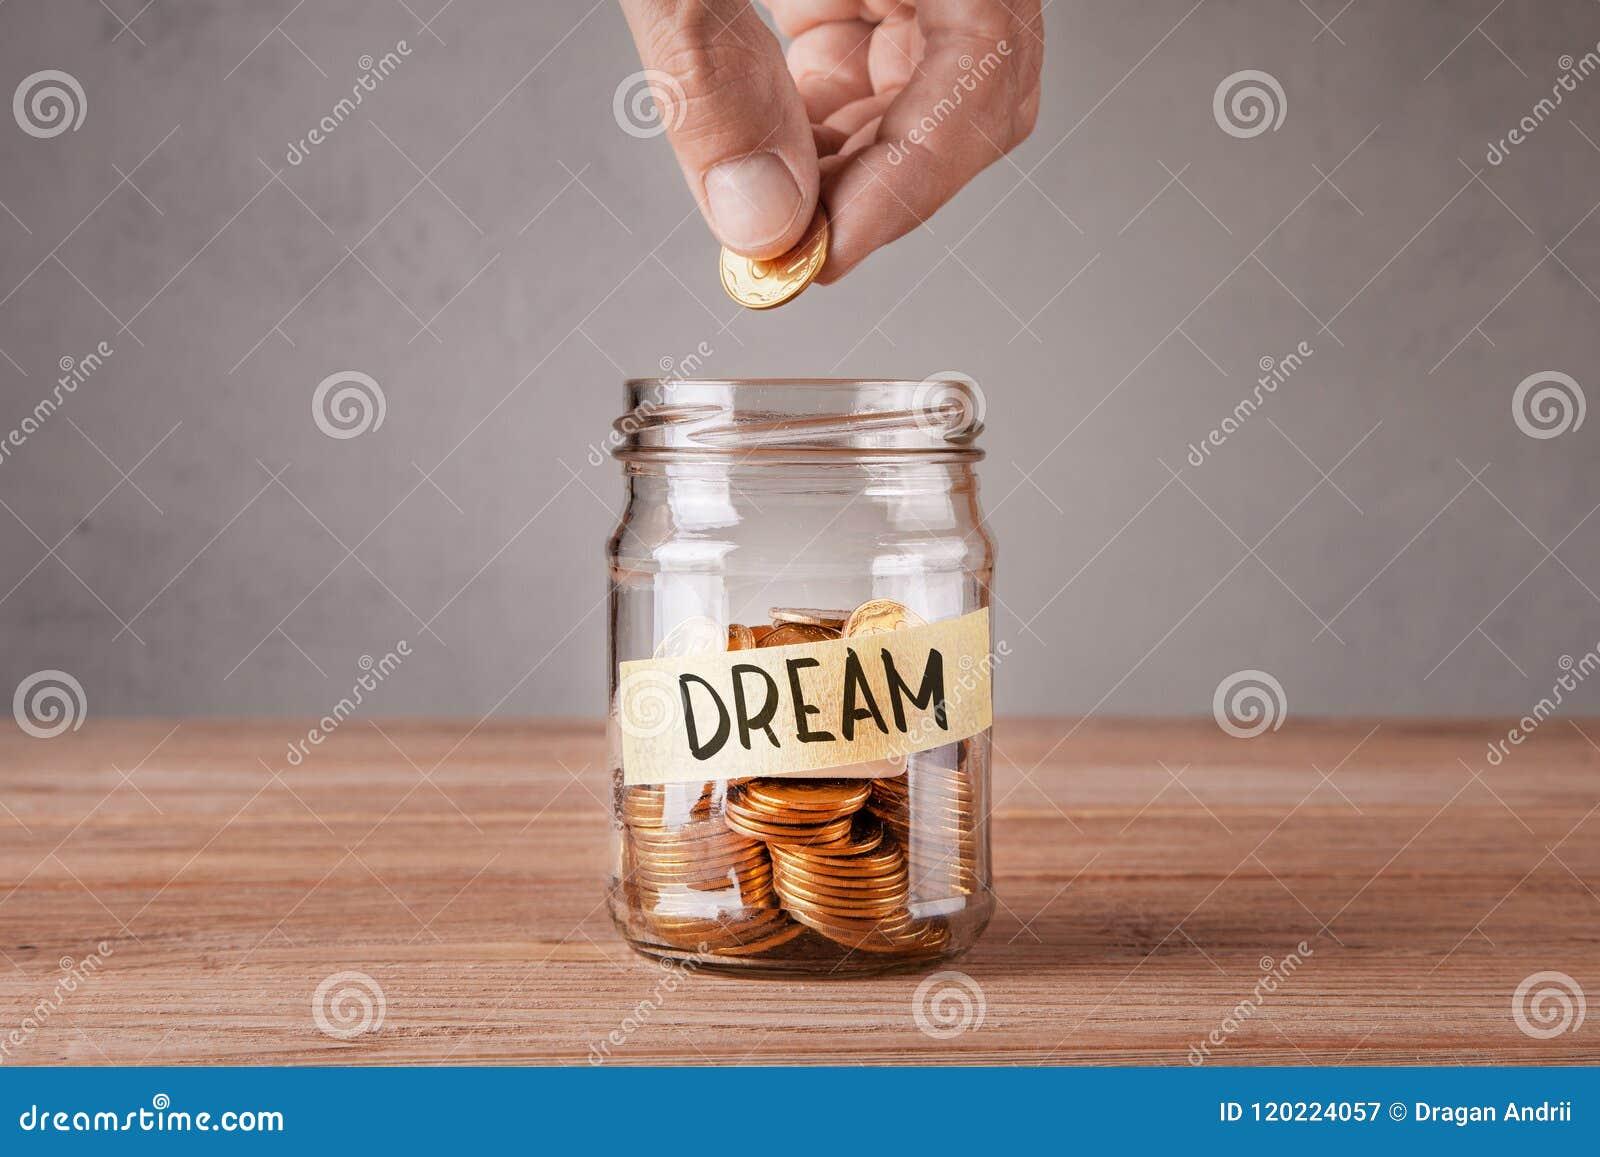 сновидение Стеклянный опарник с монетками и надпись мечтают Человек держит монетку в его руке